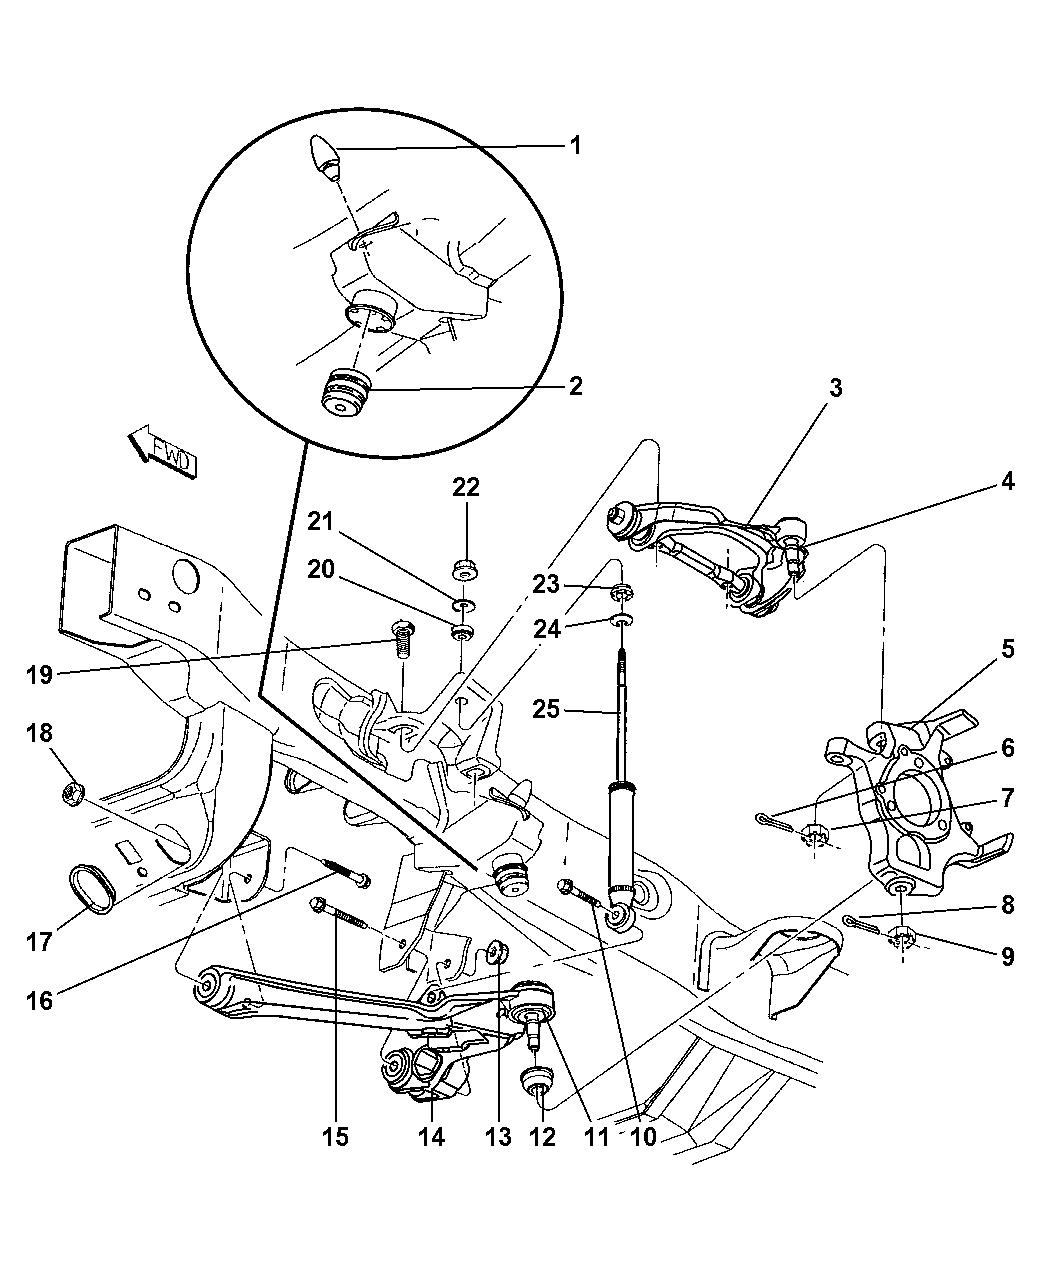 1998 dodge durango front suspension control arms, shocks, knuckle04 Durango Rear Suspension Diagram #12